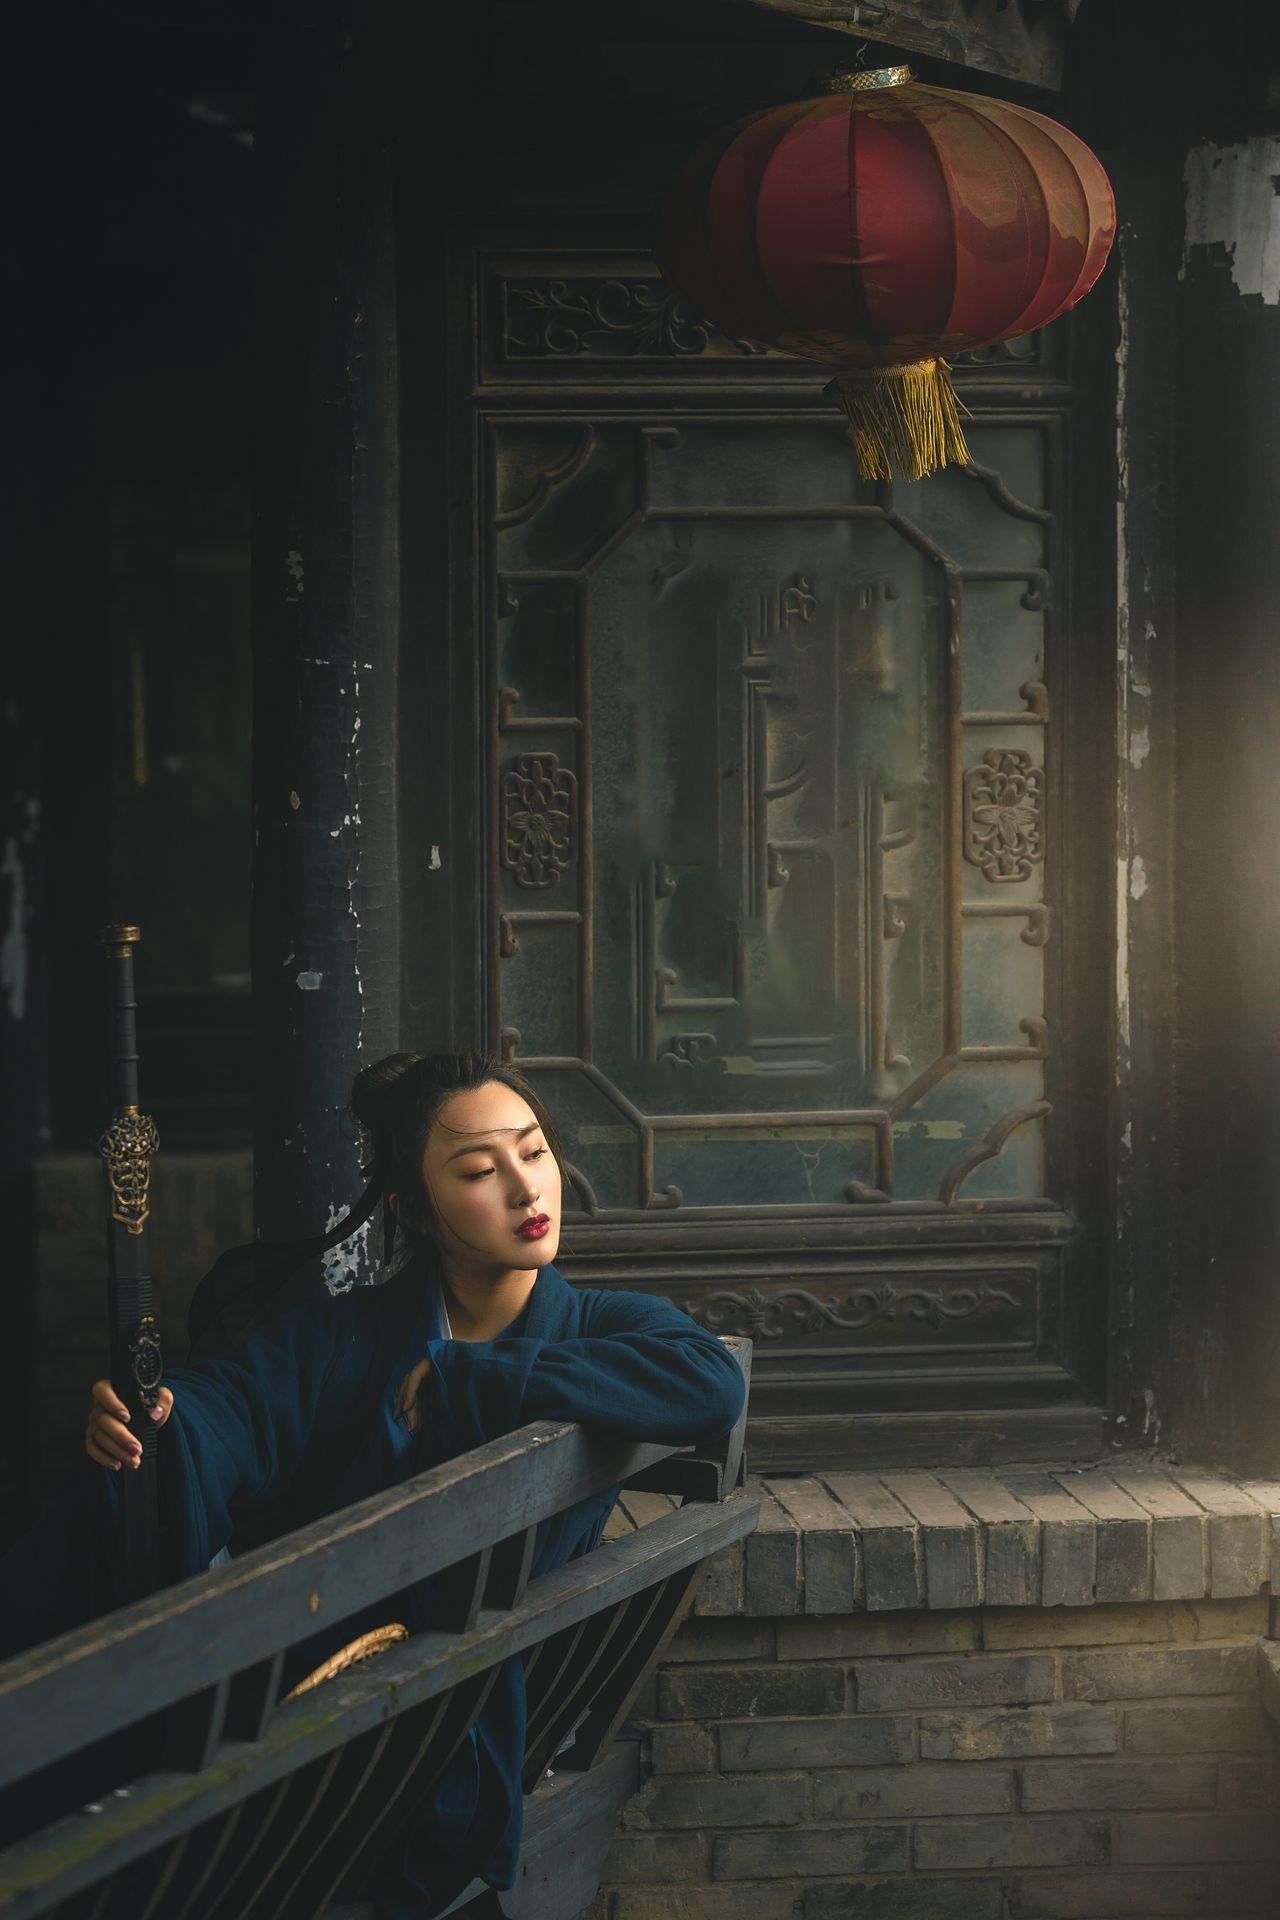 2019-05-22 武侠古风主题《刺客》_摄影师简莎的返片